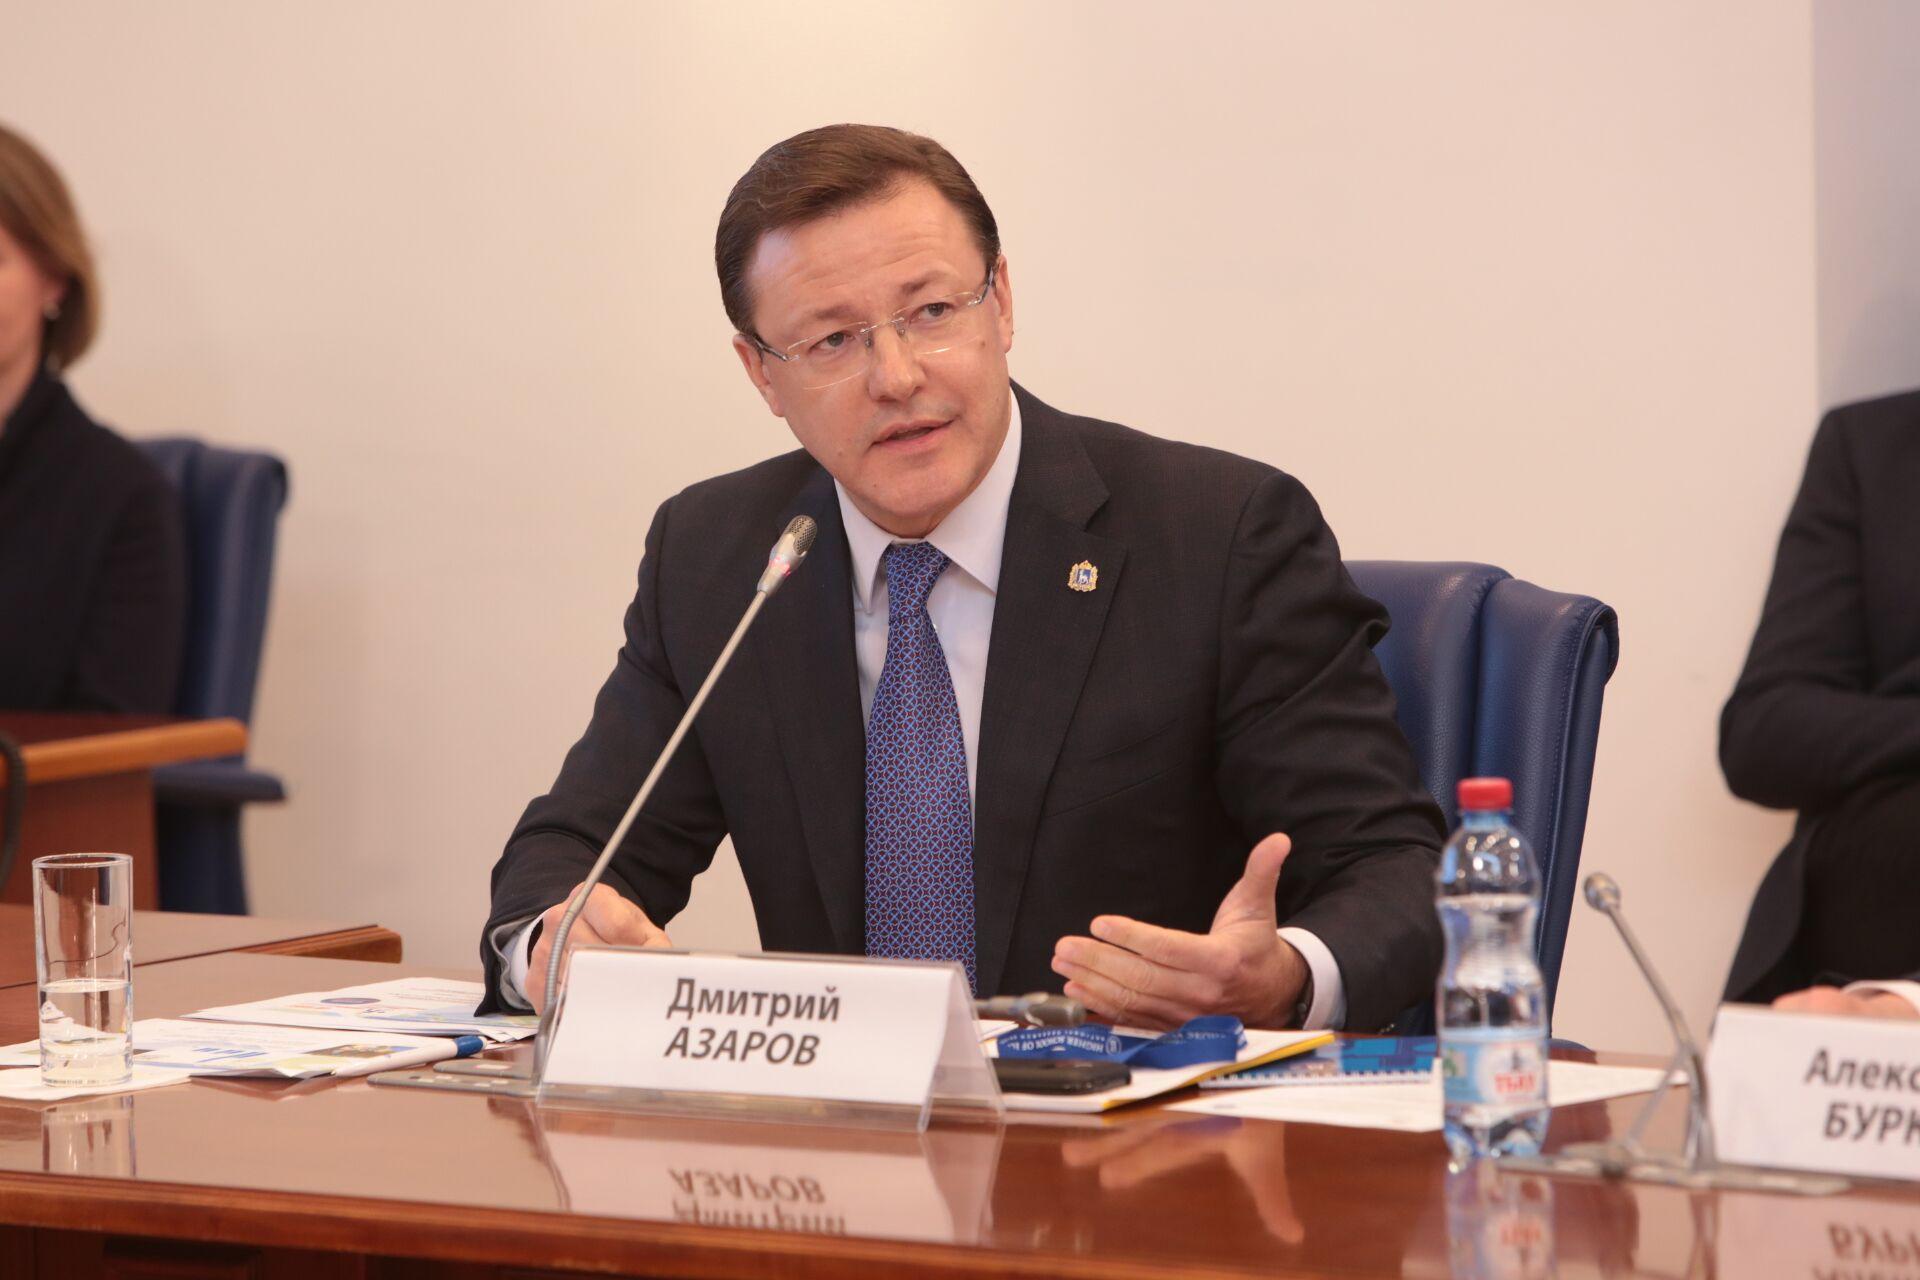 Азаров представил опыт развития кадрового потенциала региона на международной научной конференции